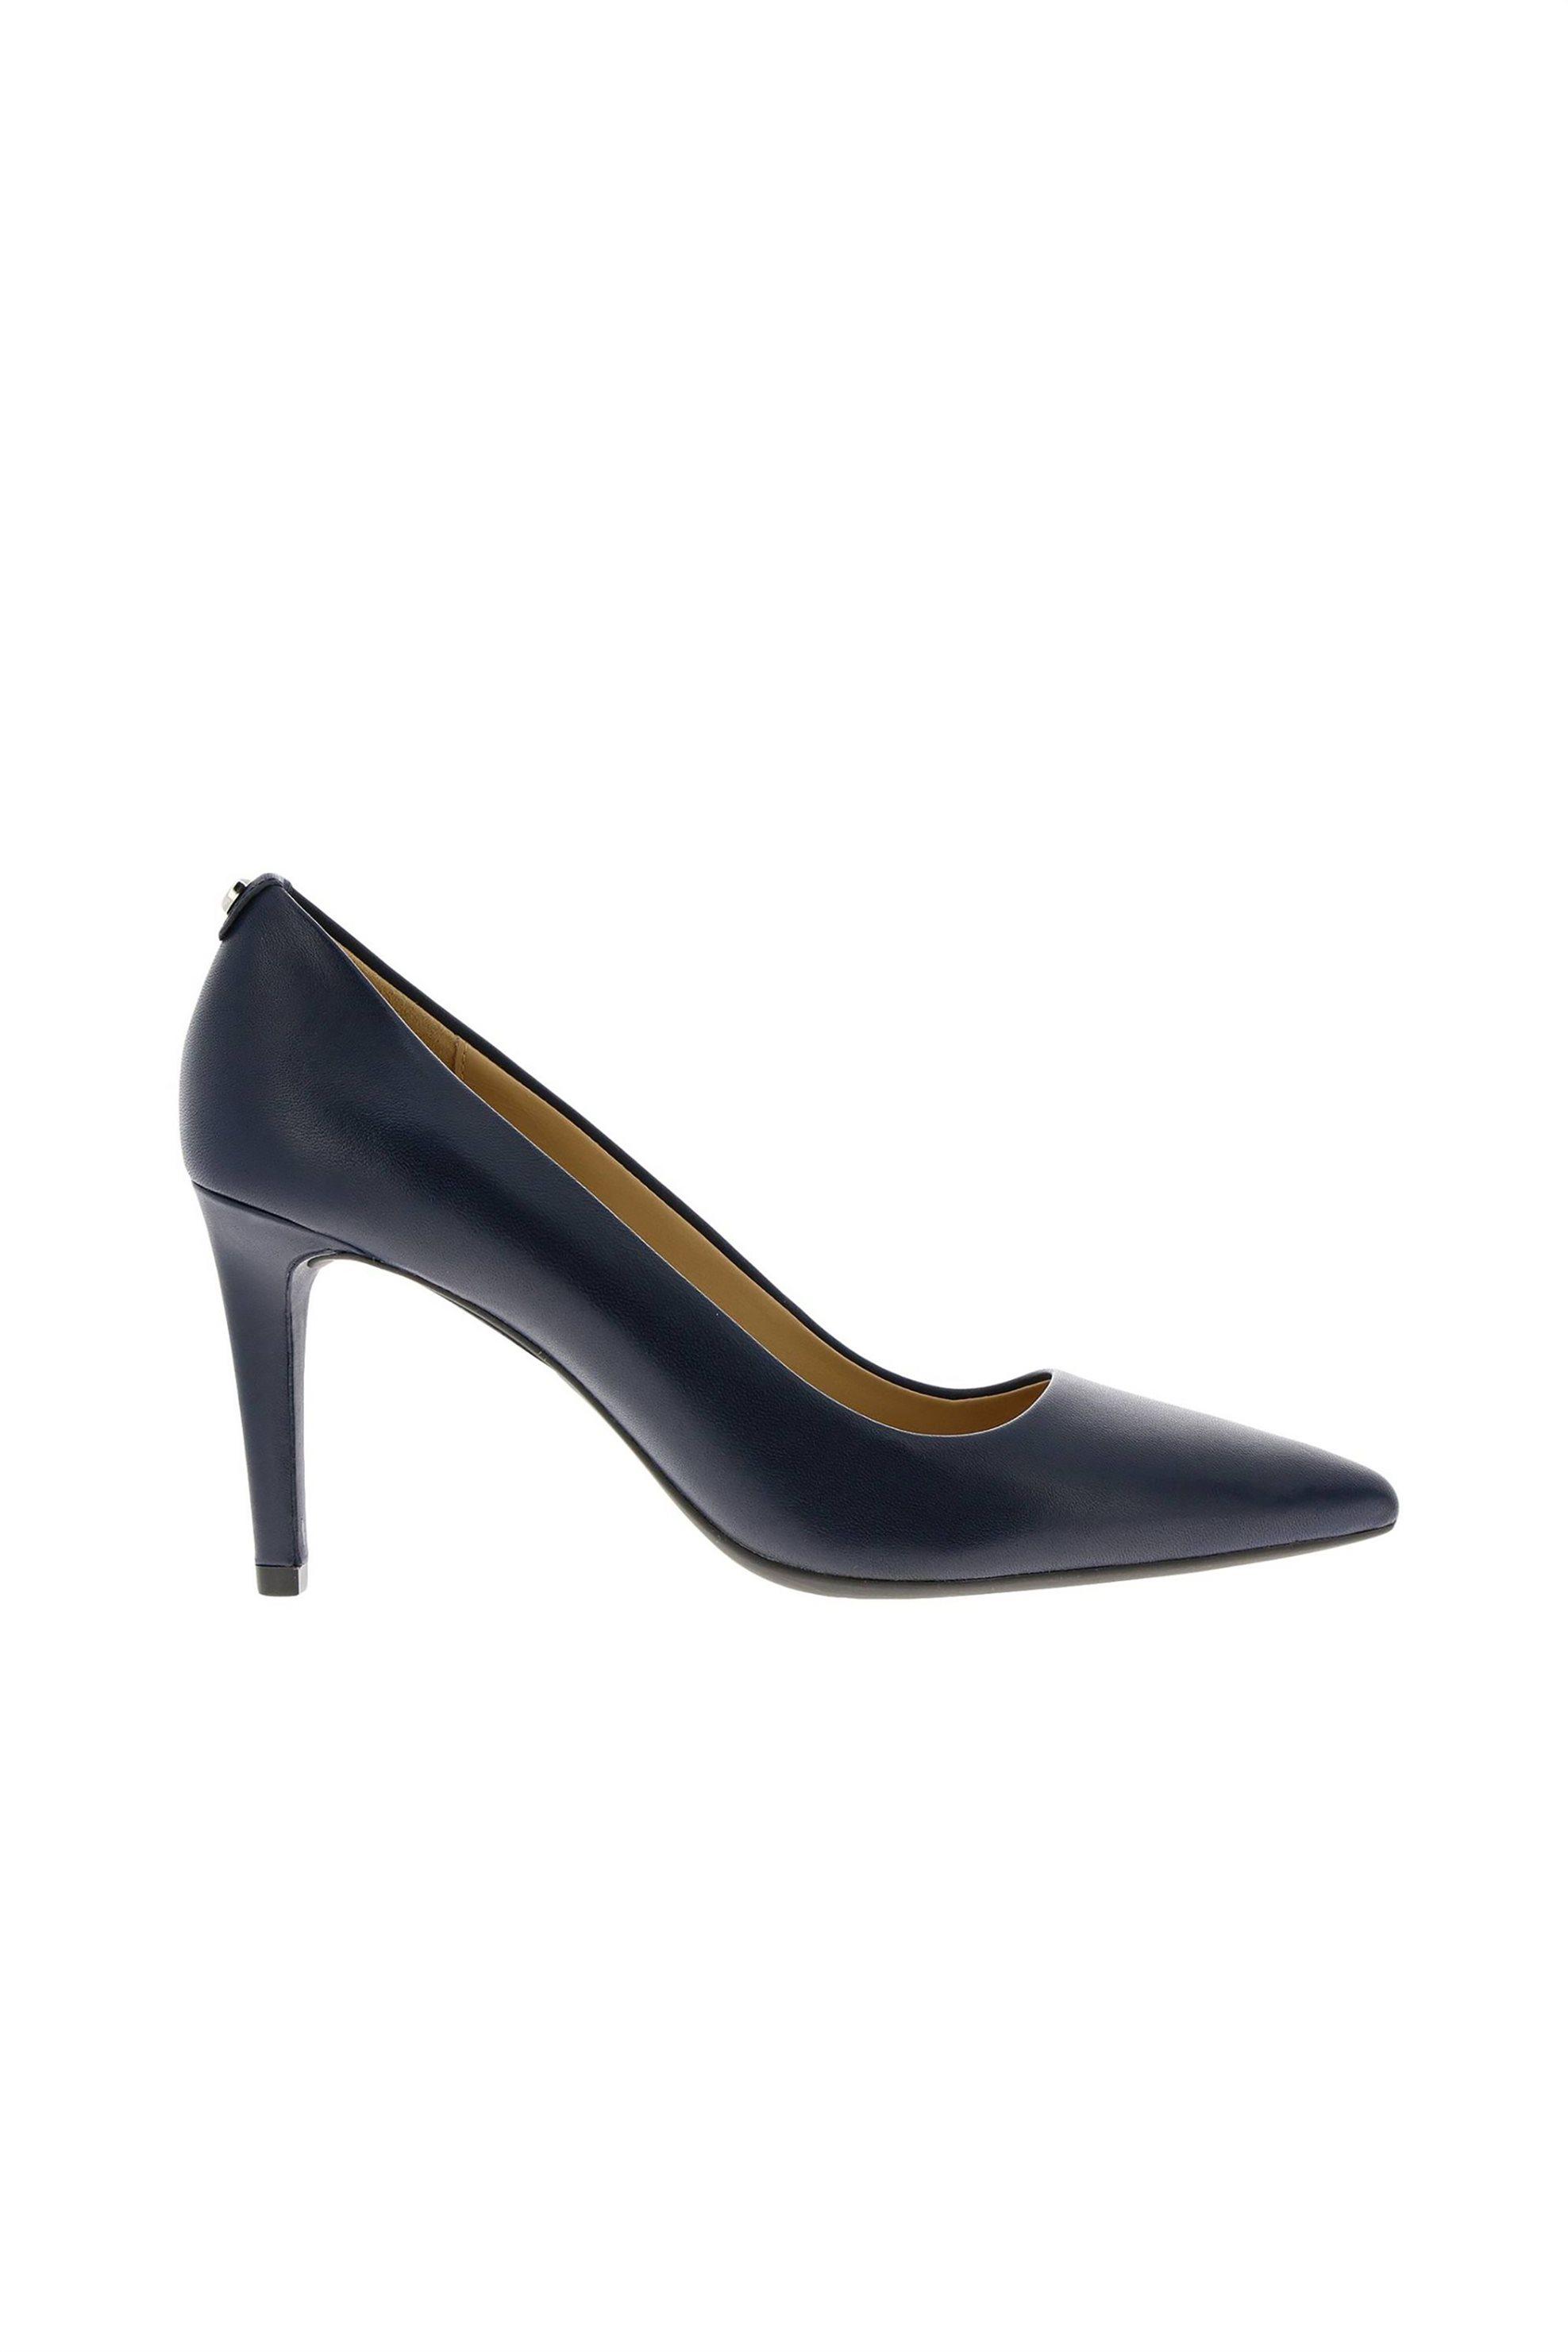 Μichael Kors γυναικεία γόβα Dorothy Flex – 40F6DOMP1L – Μπλε Σκούρο